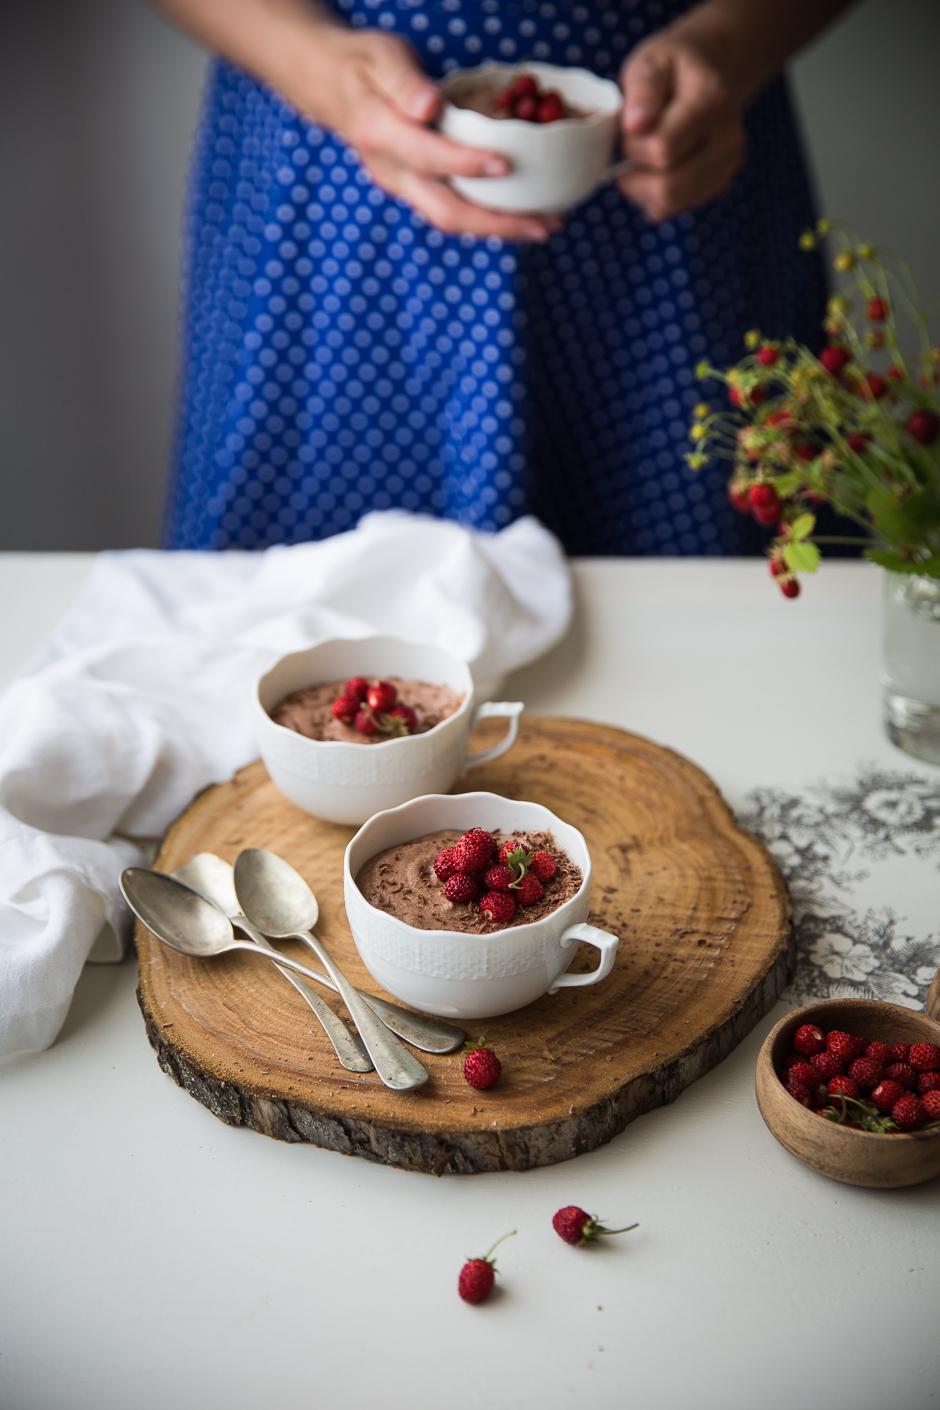 csokoládékrém erdei szamócával az Emlékek Íze konyhájából www.emlekekize.hu